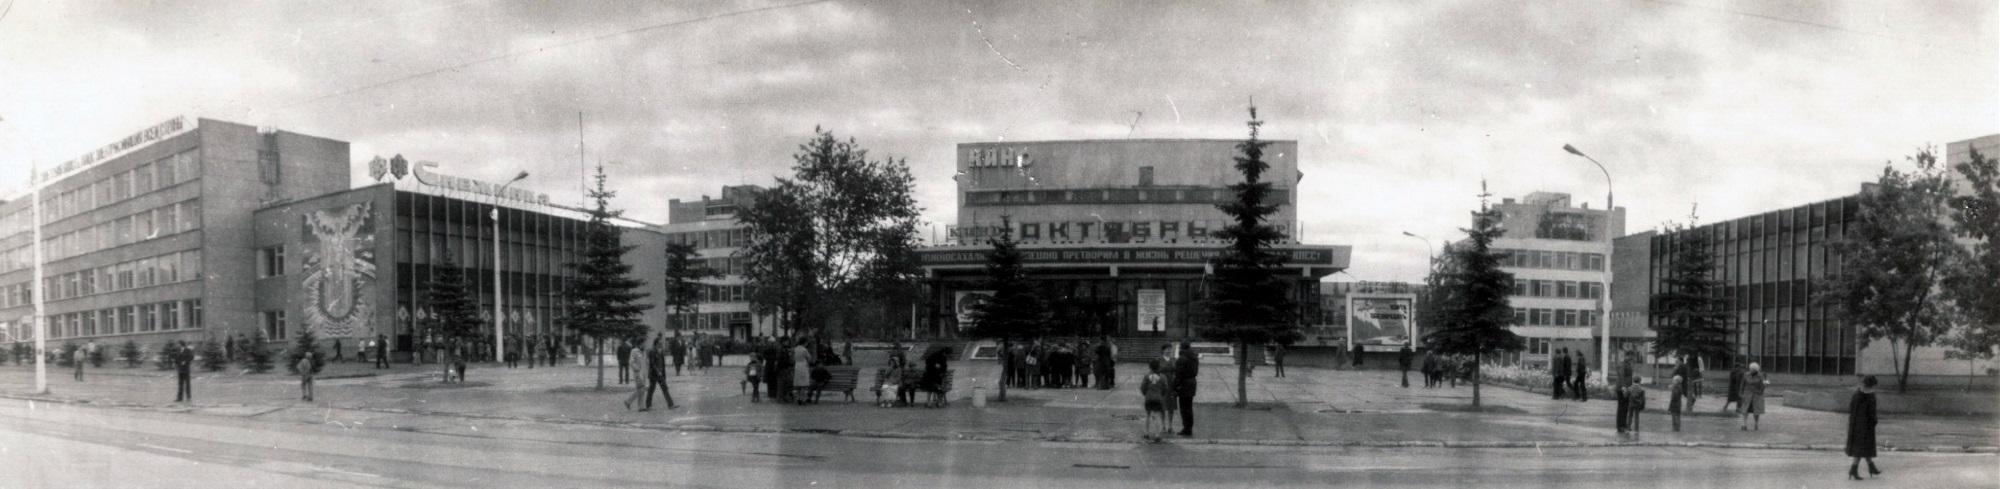 Коммунистический проспект и кинотеатр Октябрь в г. Южно-сахалинск